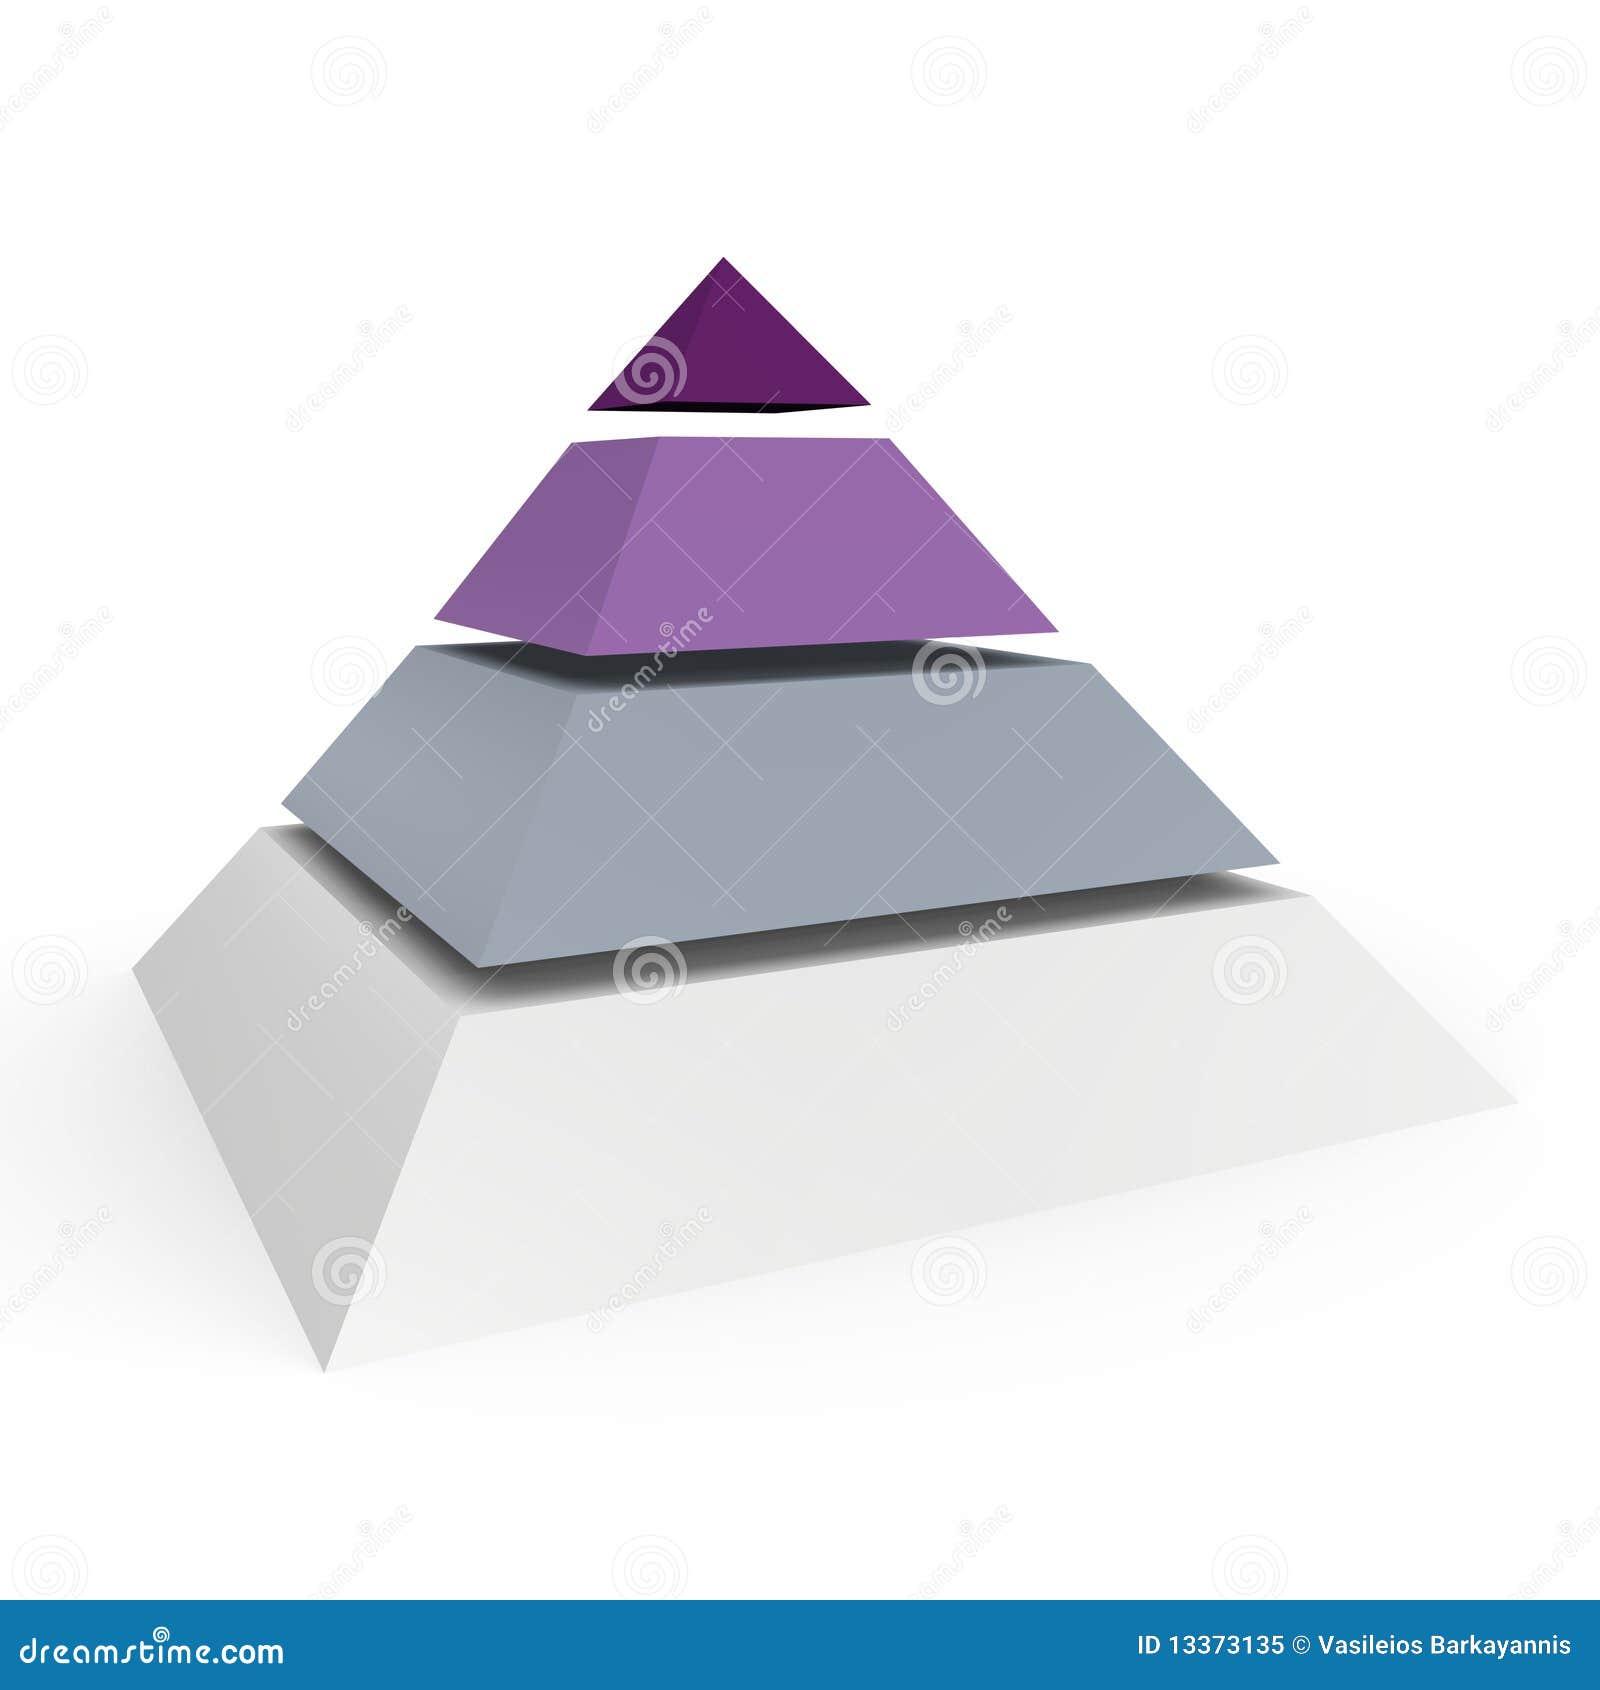 Een 4 niveaupiramide - een 3d beeld